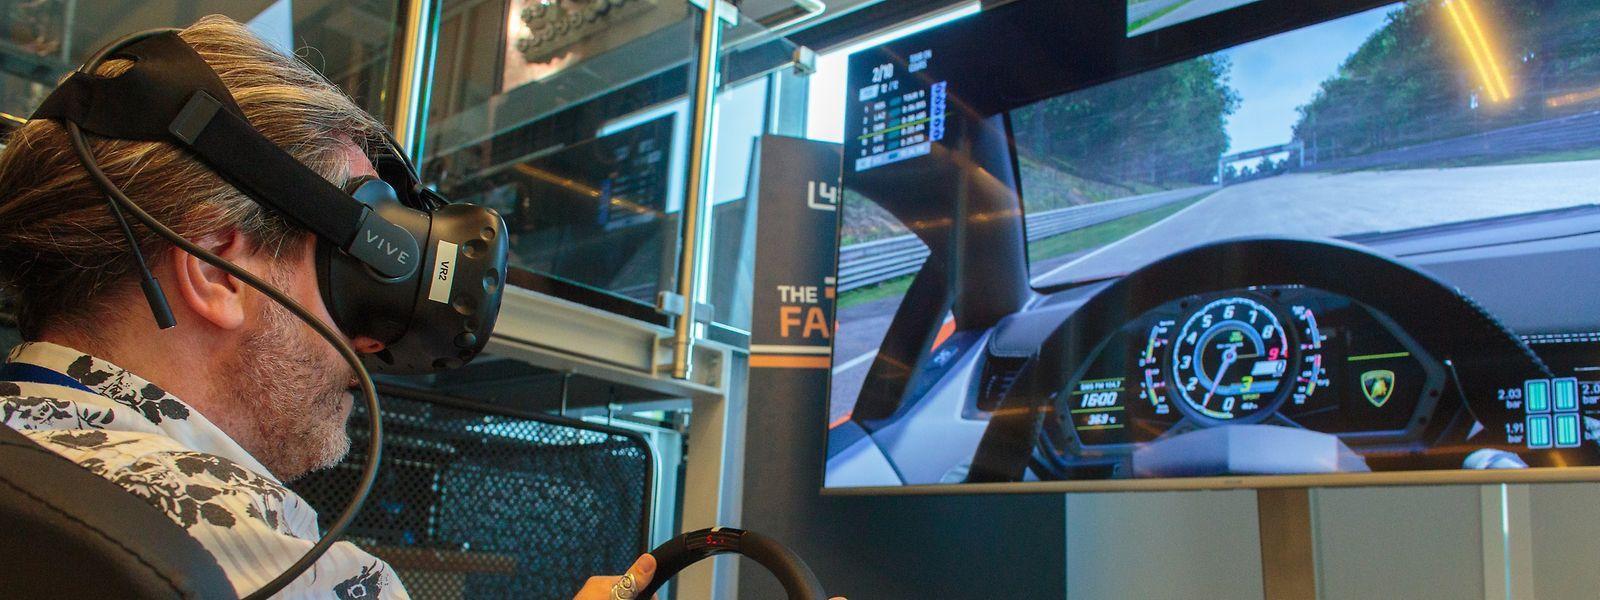 Dank virtueller Realität im Cockpit eines Lamborghinis. Das ist im Differdinger Science Center möglich.